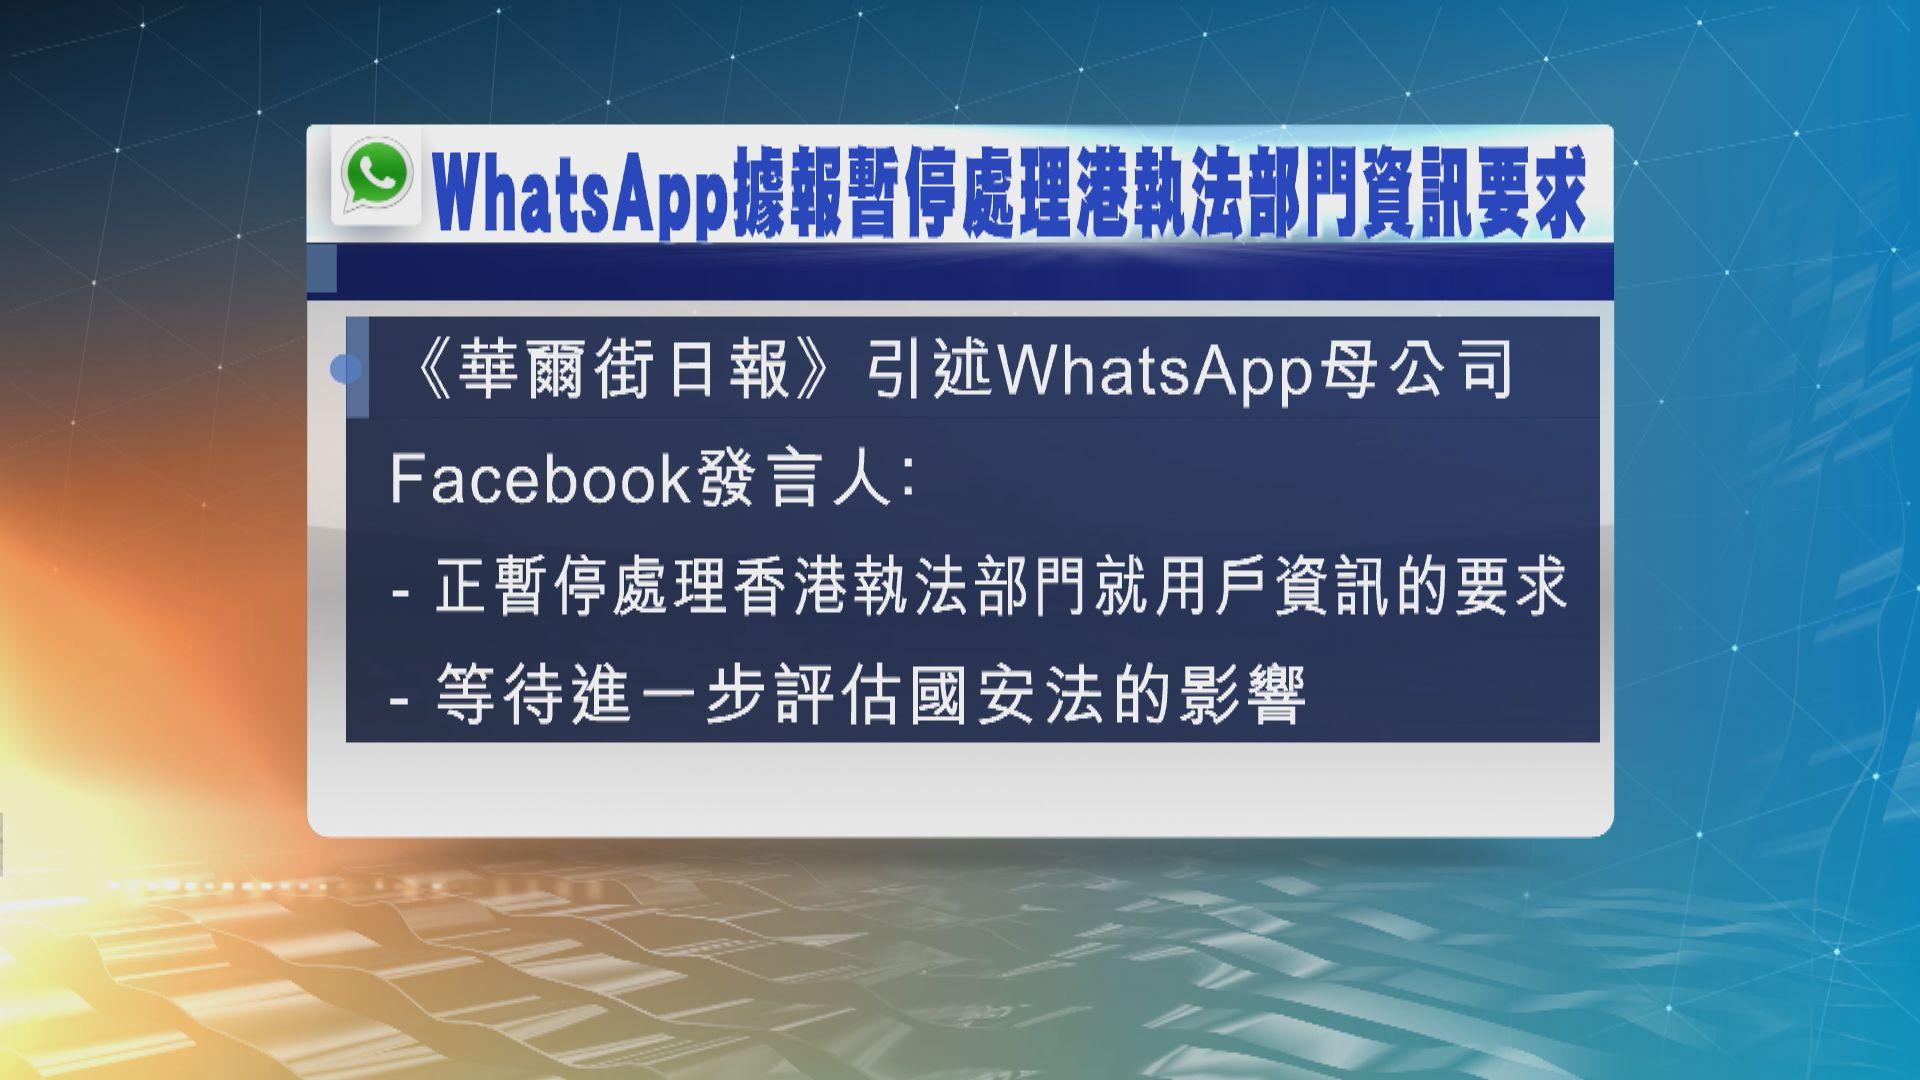 據報WhatsApp暫停處理香港執法部門有關用戶資訊要求